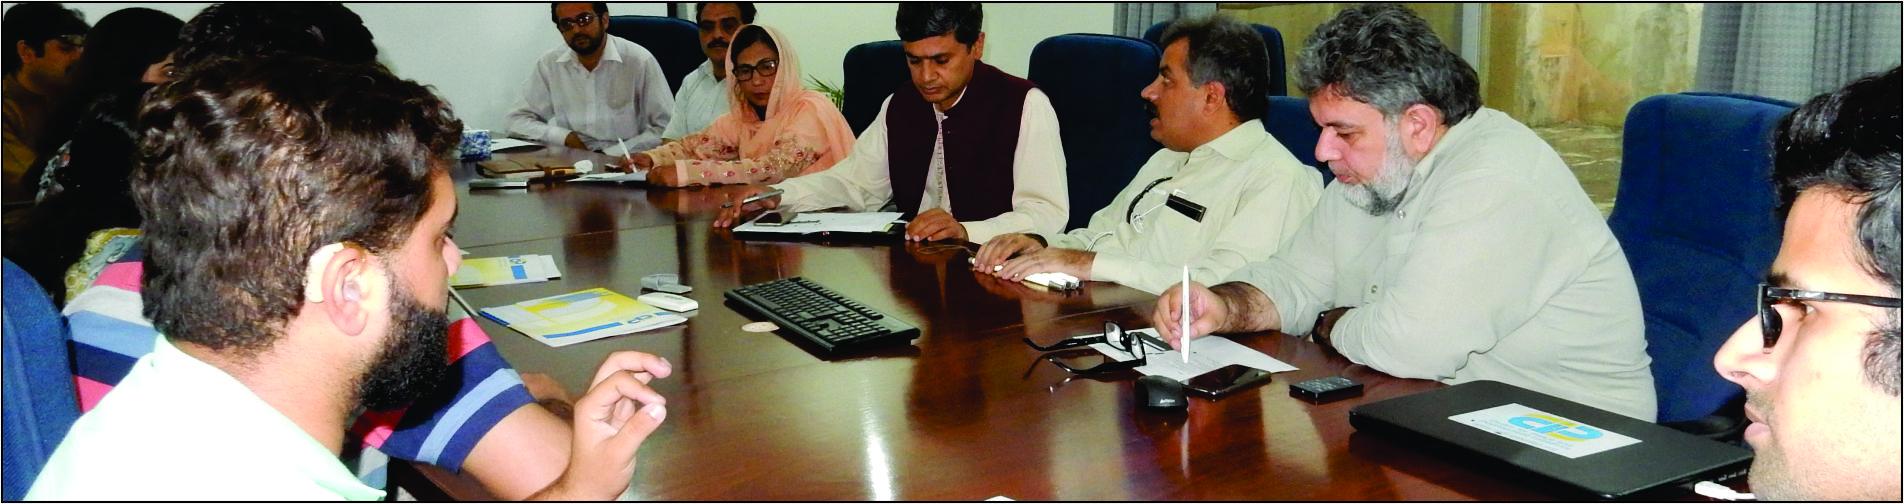 Coordination Meeting of PAIE Members